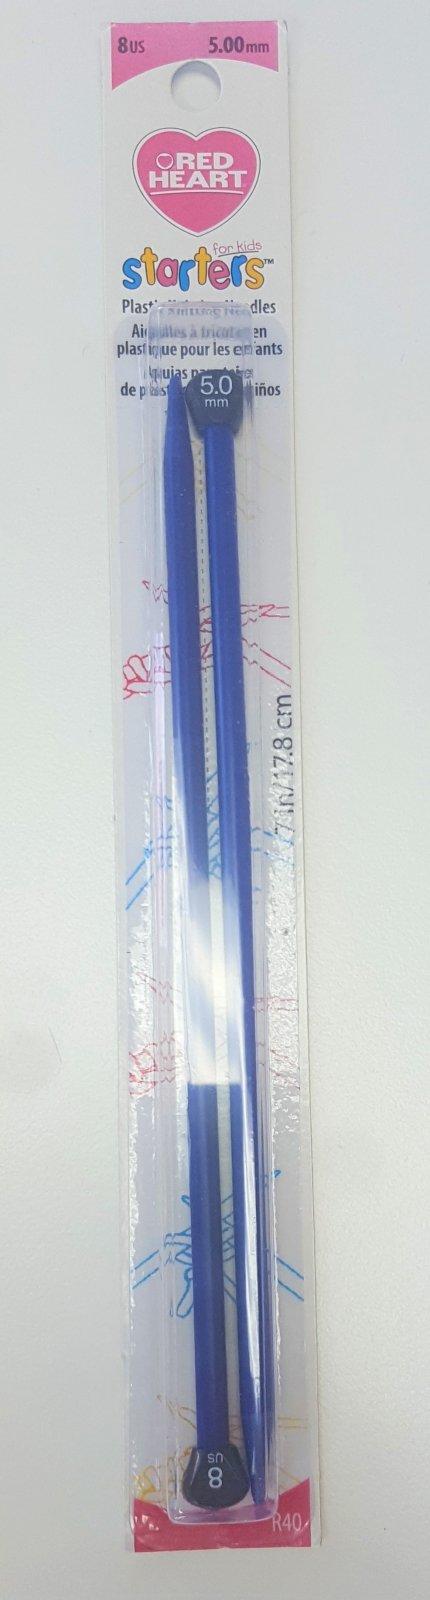 RH Starters Kids Knit Needles #8